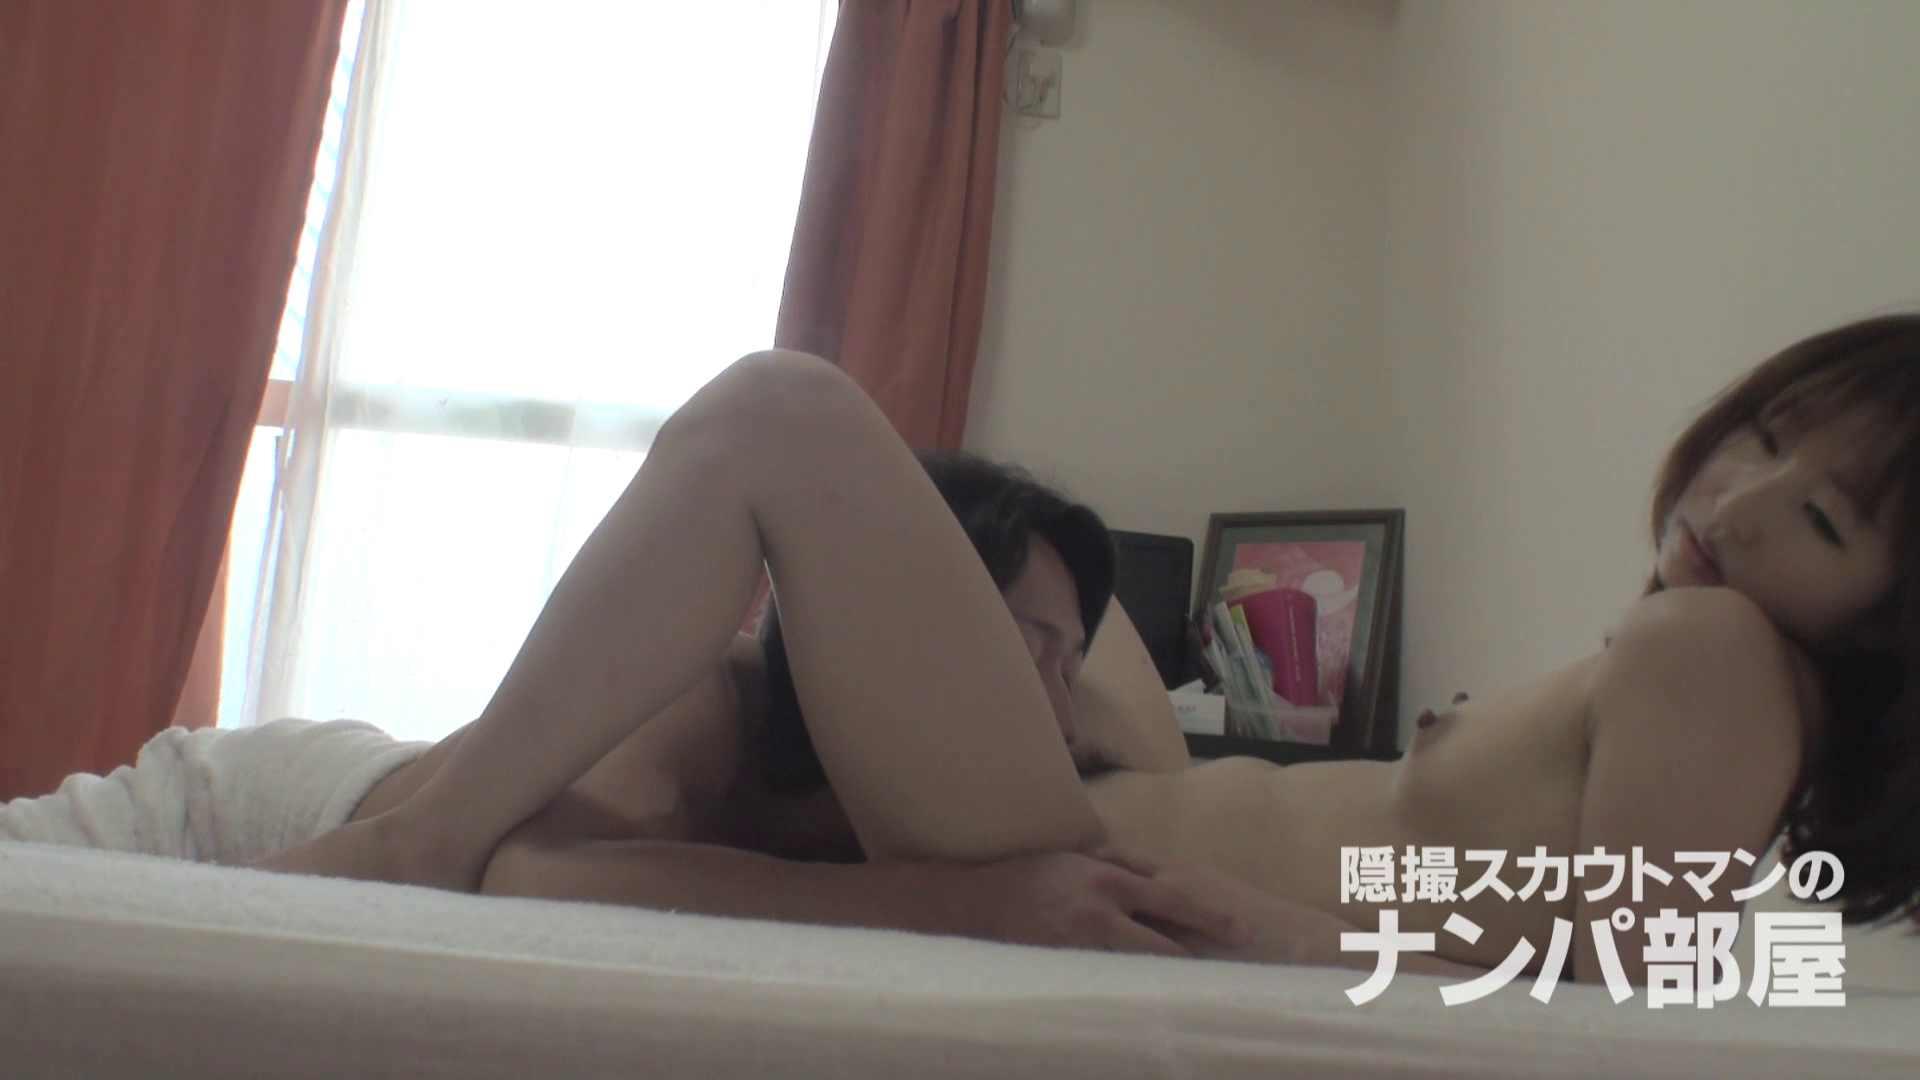 隠撮スカウトマンのナンパ部屋~風俗デビュー前のつまみ食い~ sii 脱衣所  100連発 87